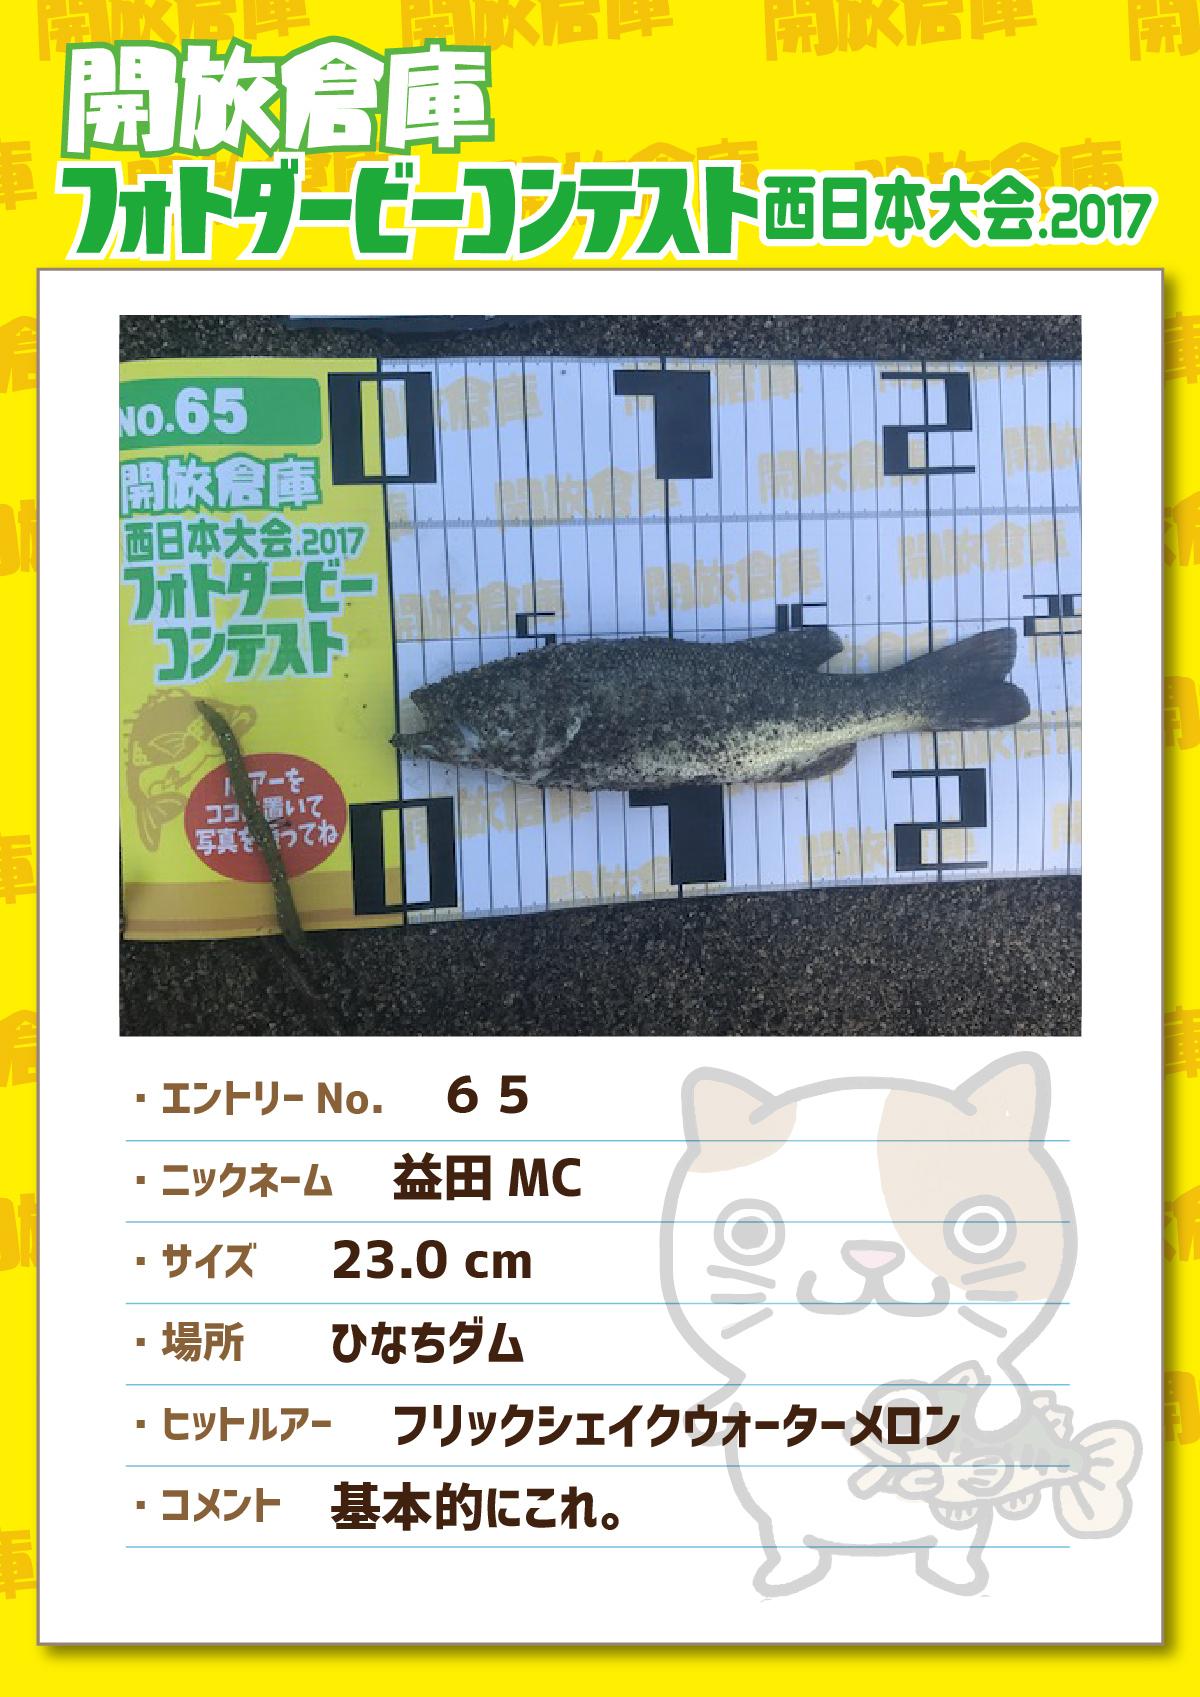 No.065 益田MC 23.0cm ひなちダム フリックシェイクウォーターメロン 基本的にこれ。